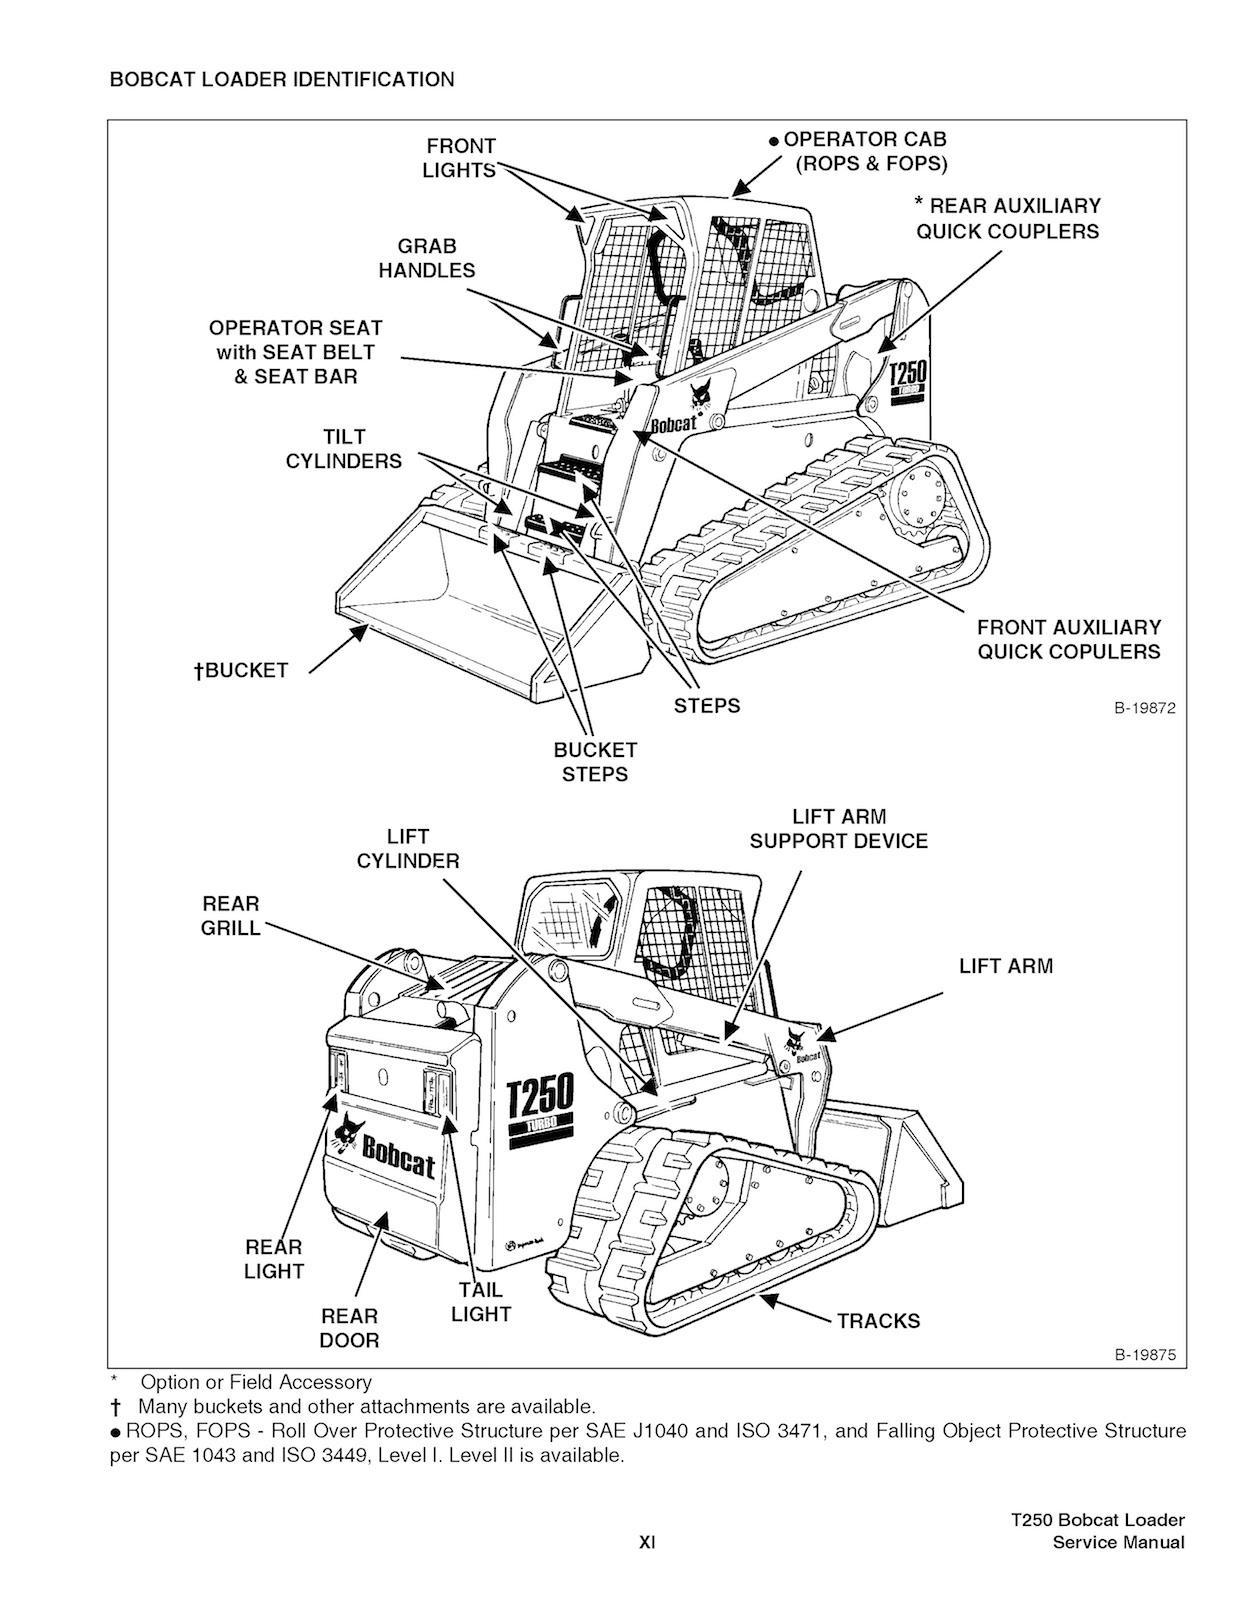 small resolution of bobcat t250 parts diagram wiring diagram used bobcat t 250 parts catalog bobcat t250 parts diagram